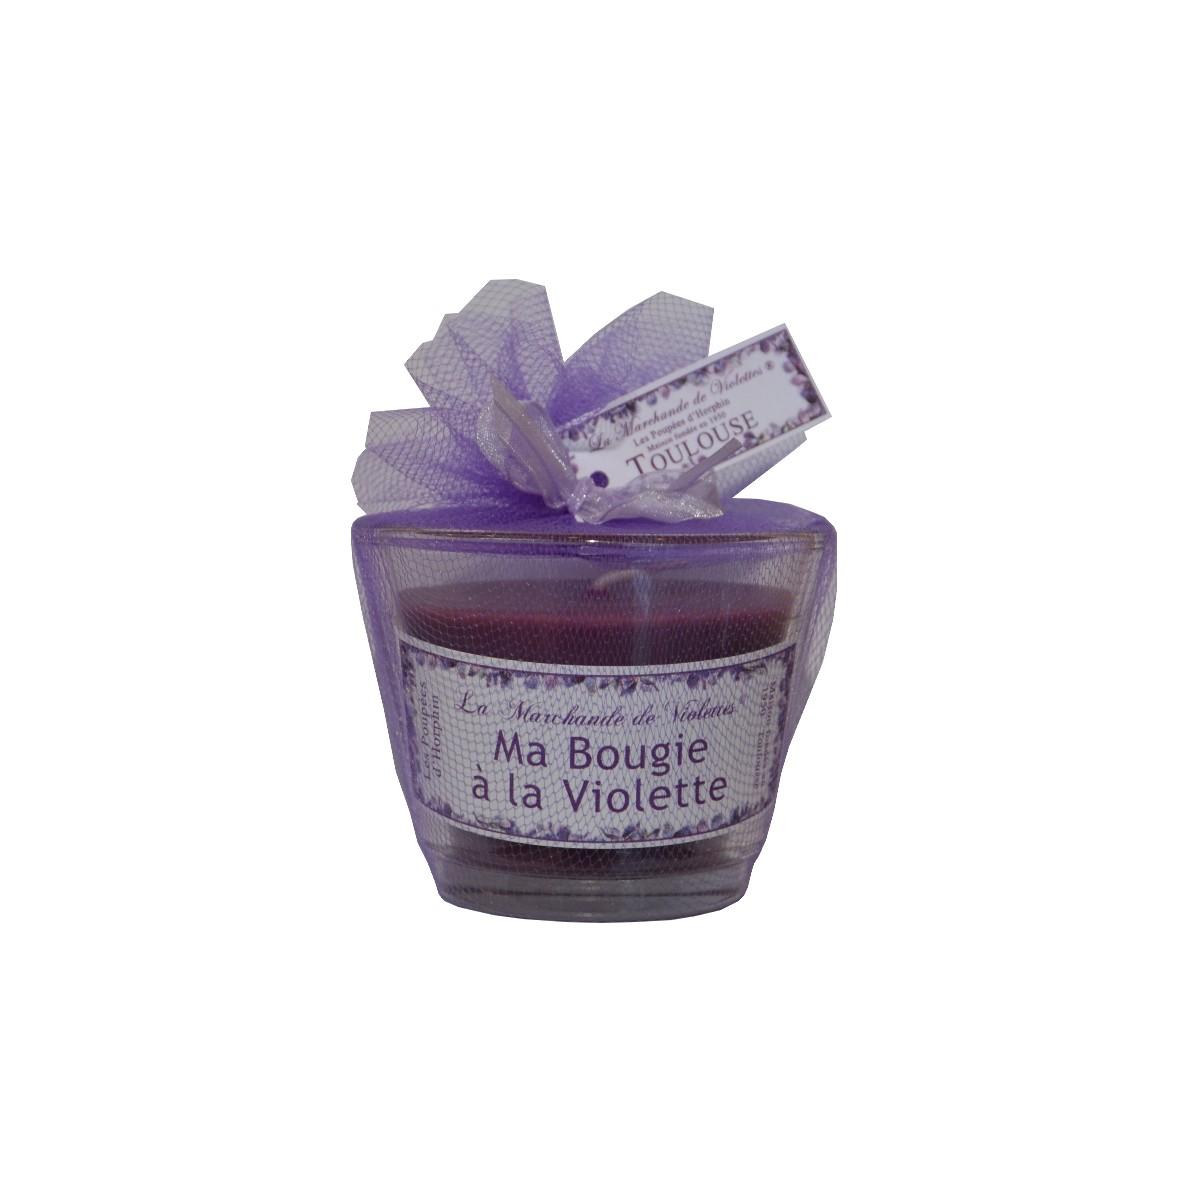 Ma bougie la violette la marchande de violette - Comptoir gourmand toulouse ...